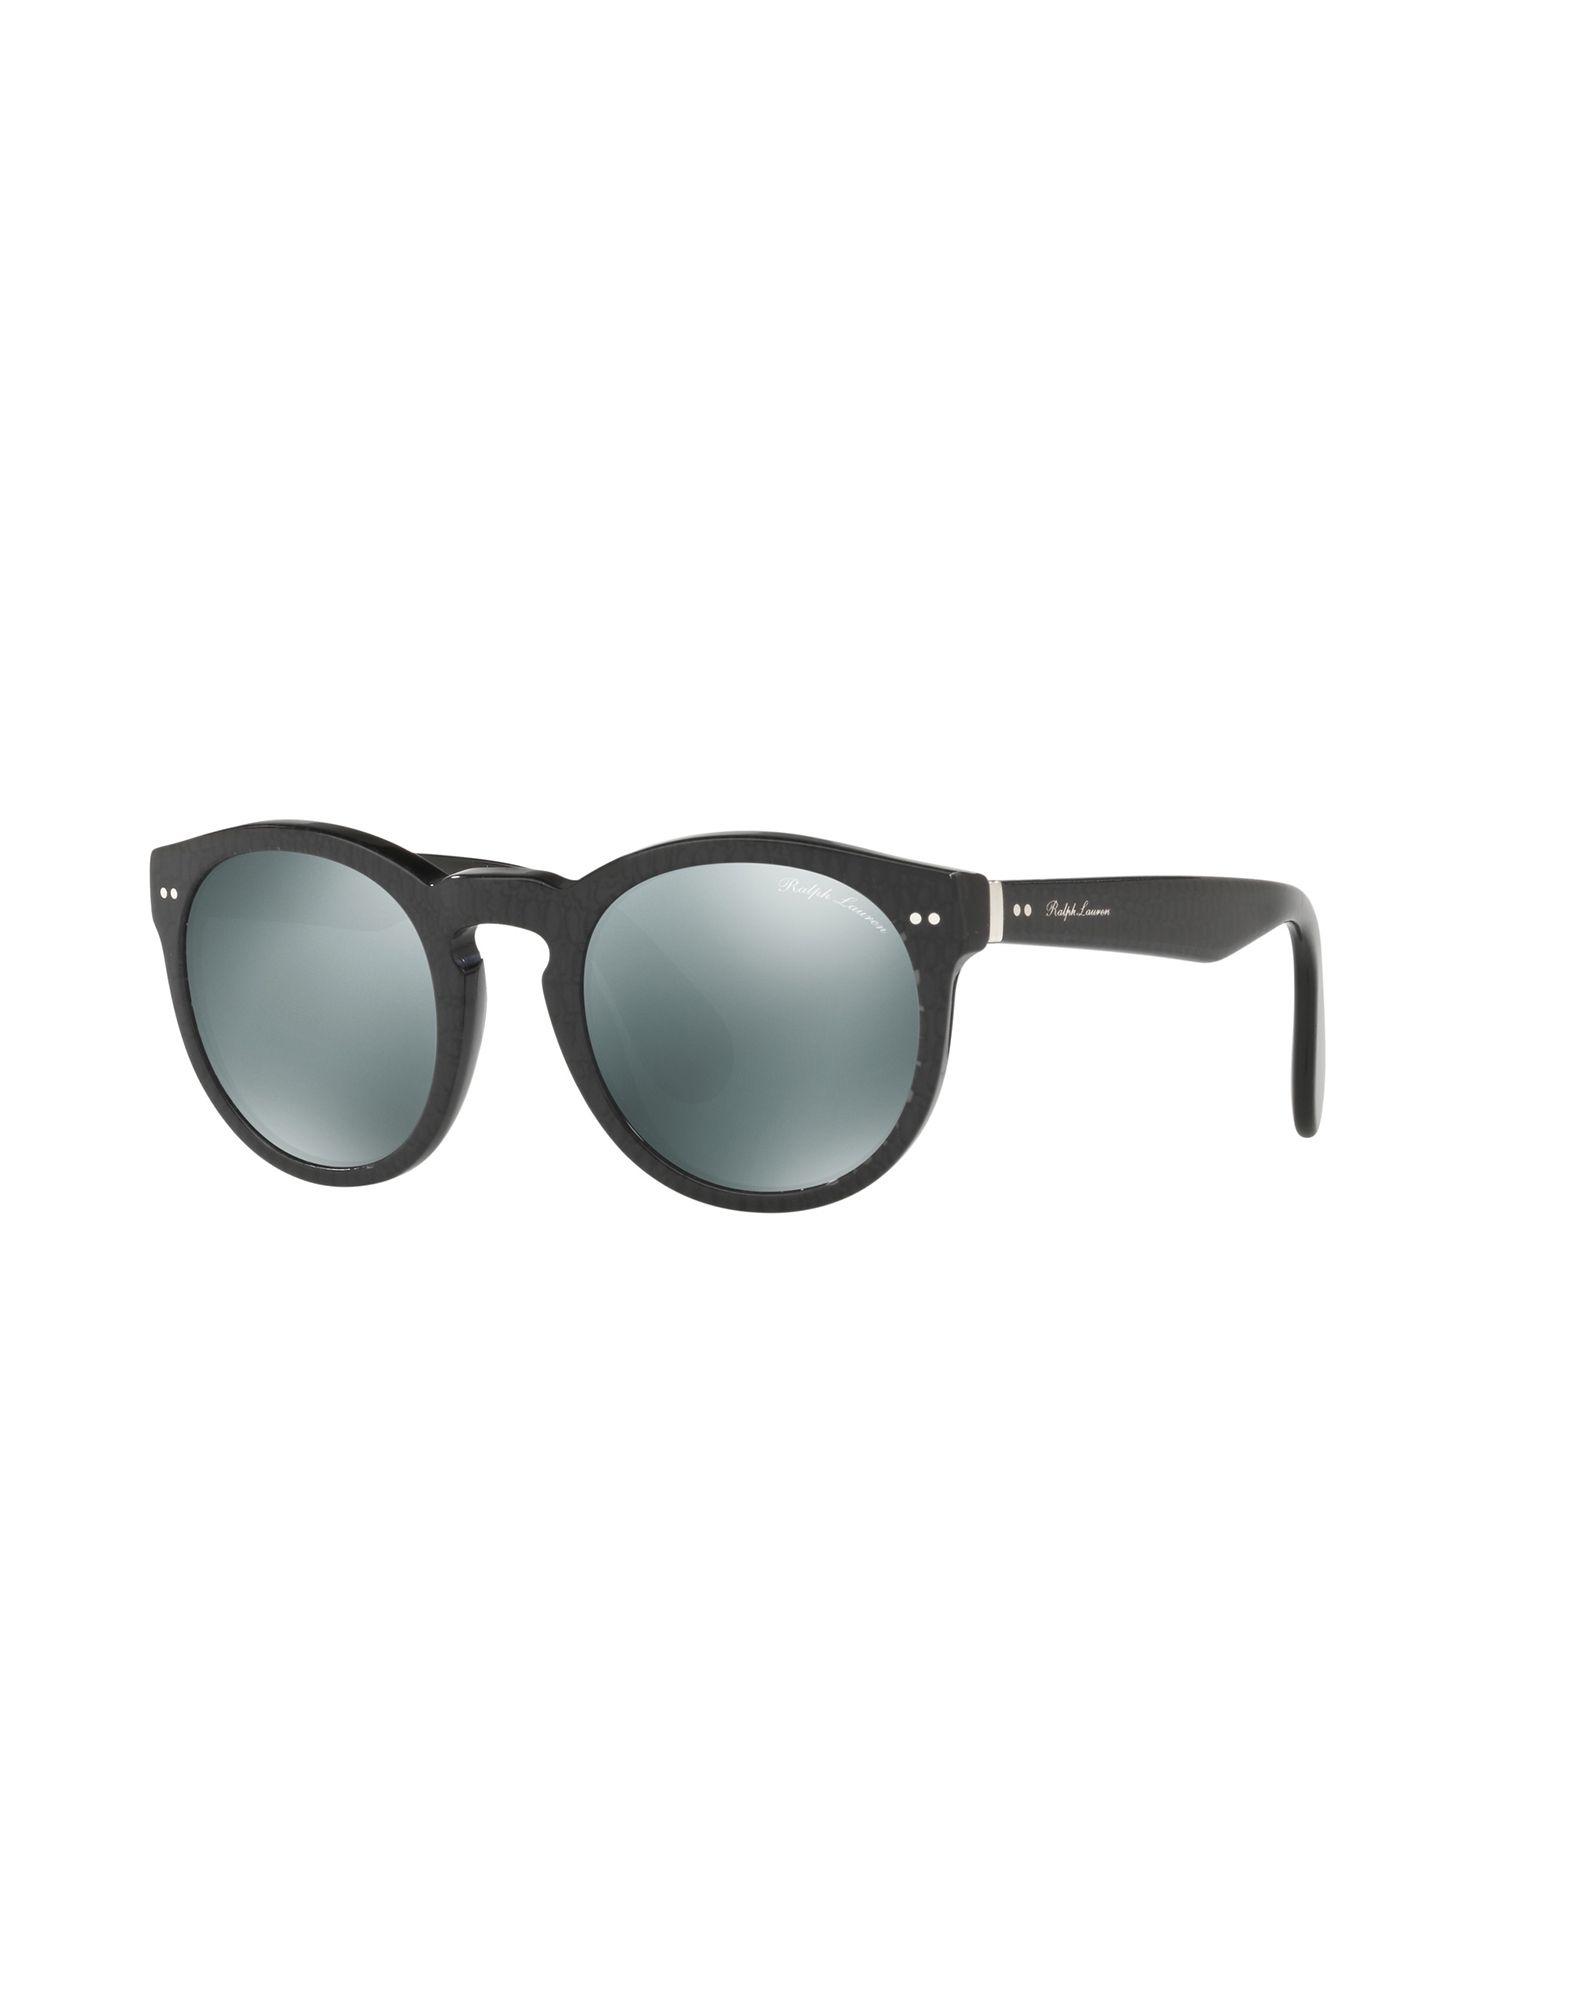 Occhiali Da Sole Ralph Lauren Rl8146p - Donna - Acquista online su